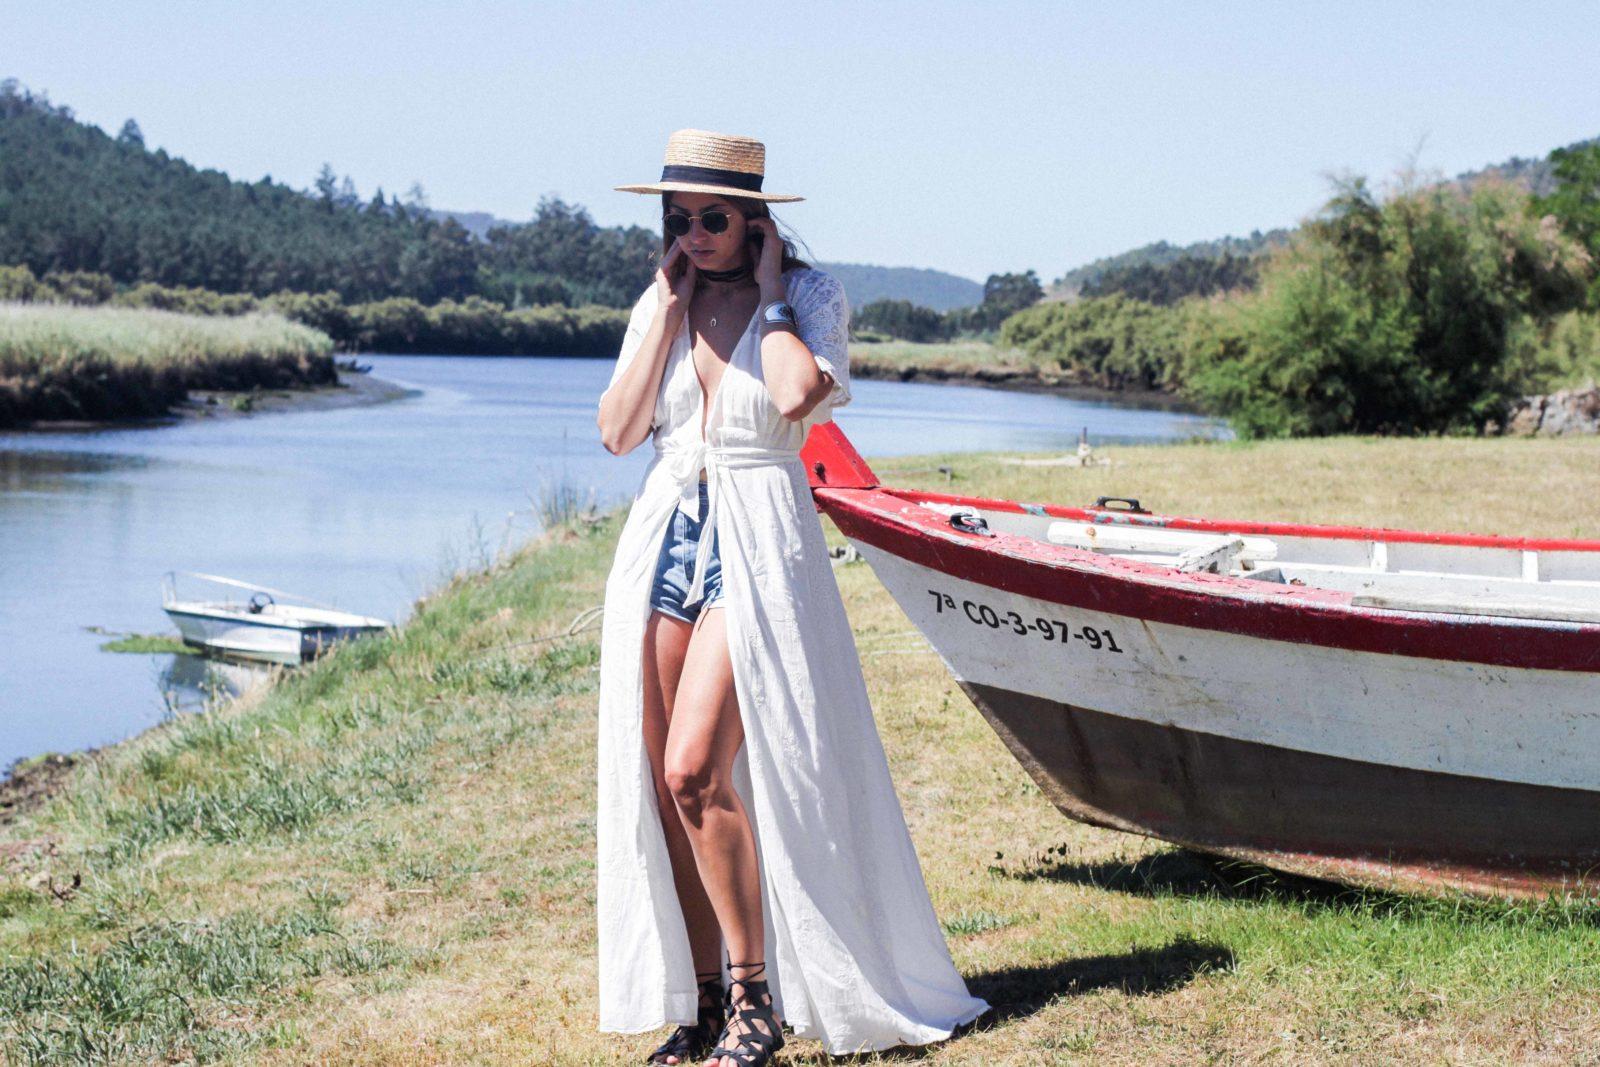 vestido_blanco_canotier_shorts-31